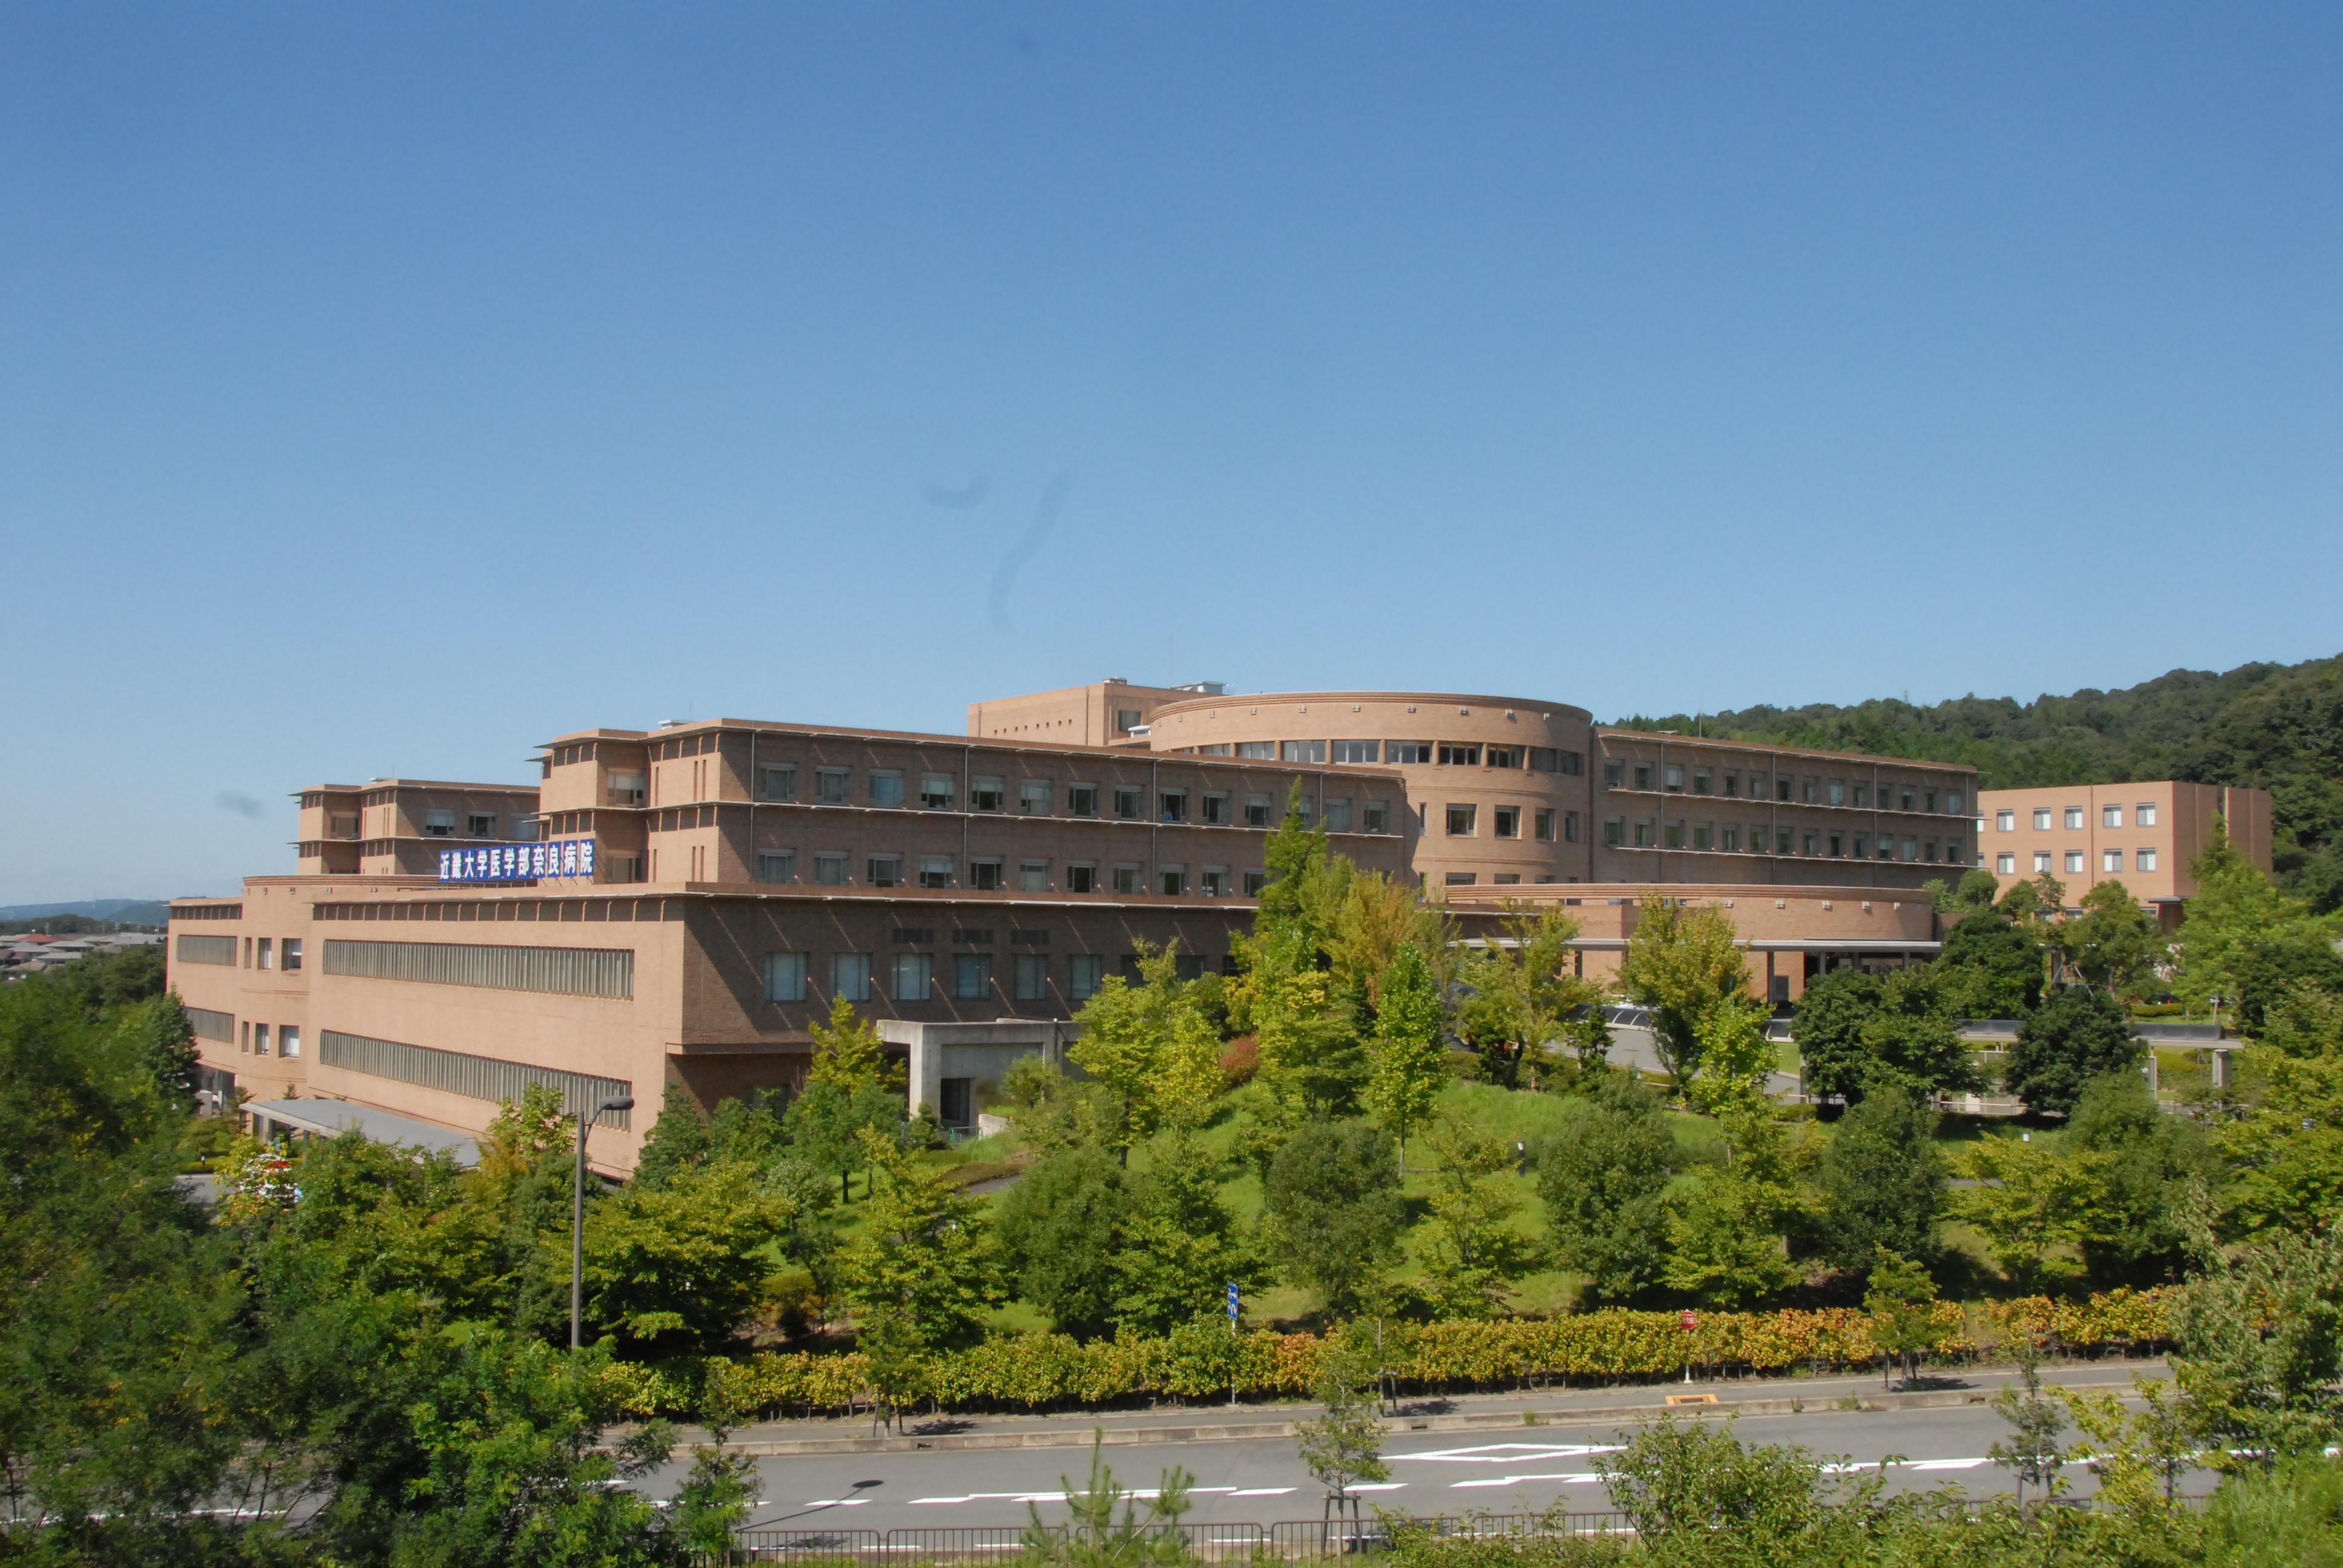 大阪で夜通しパーティー?『近代奈良病院』の看護師らコロナ陽性で入院患者、巻き込まれてしまう。